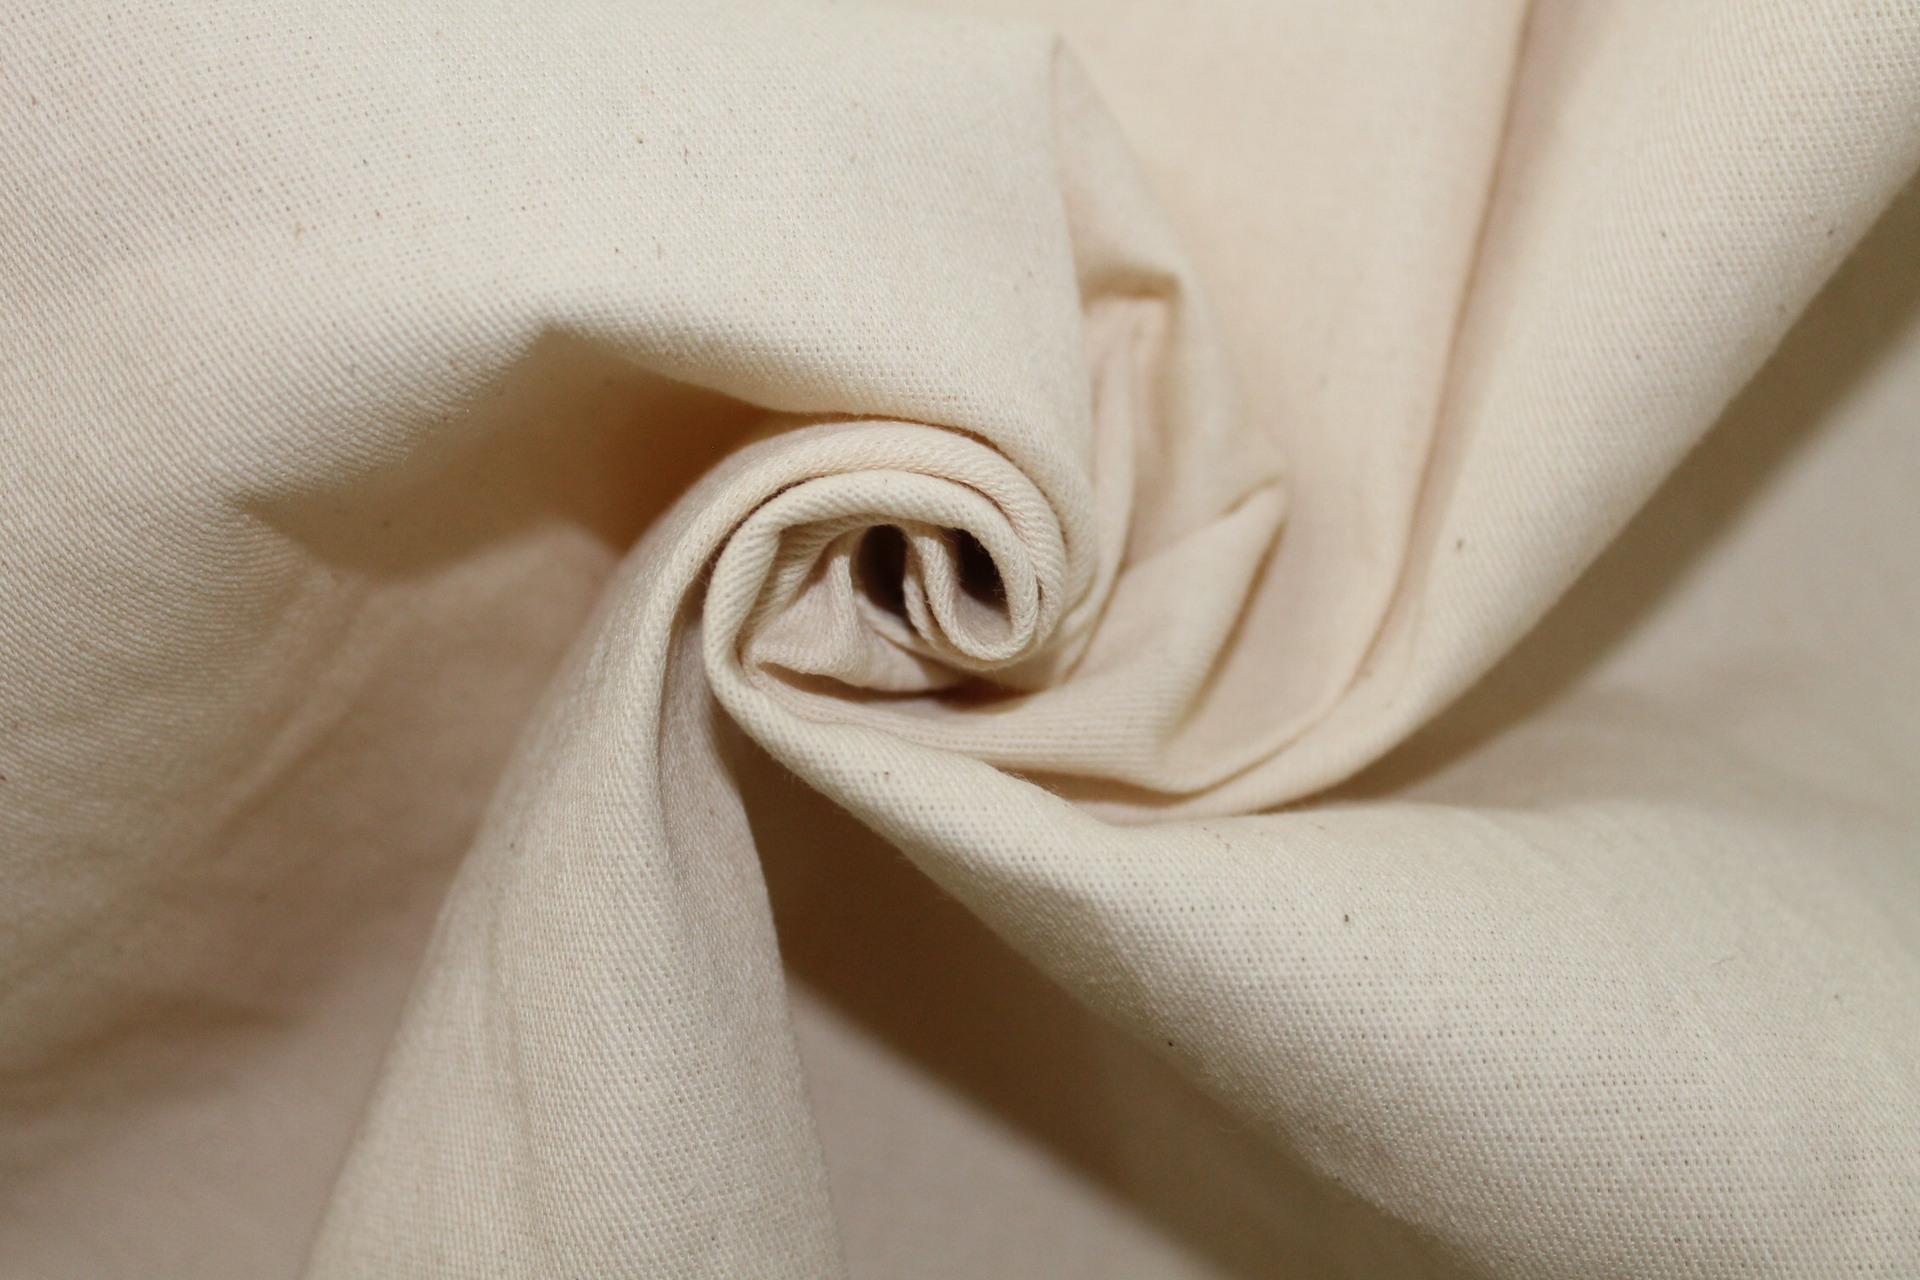 HENGJI Vải mộc sợi hoá học Thường Châu cao cấp nhà sản xuất vải cotton nguyên chất bán buôn vải cott